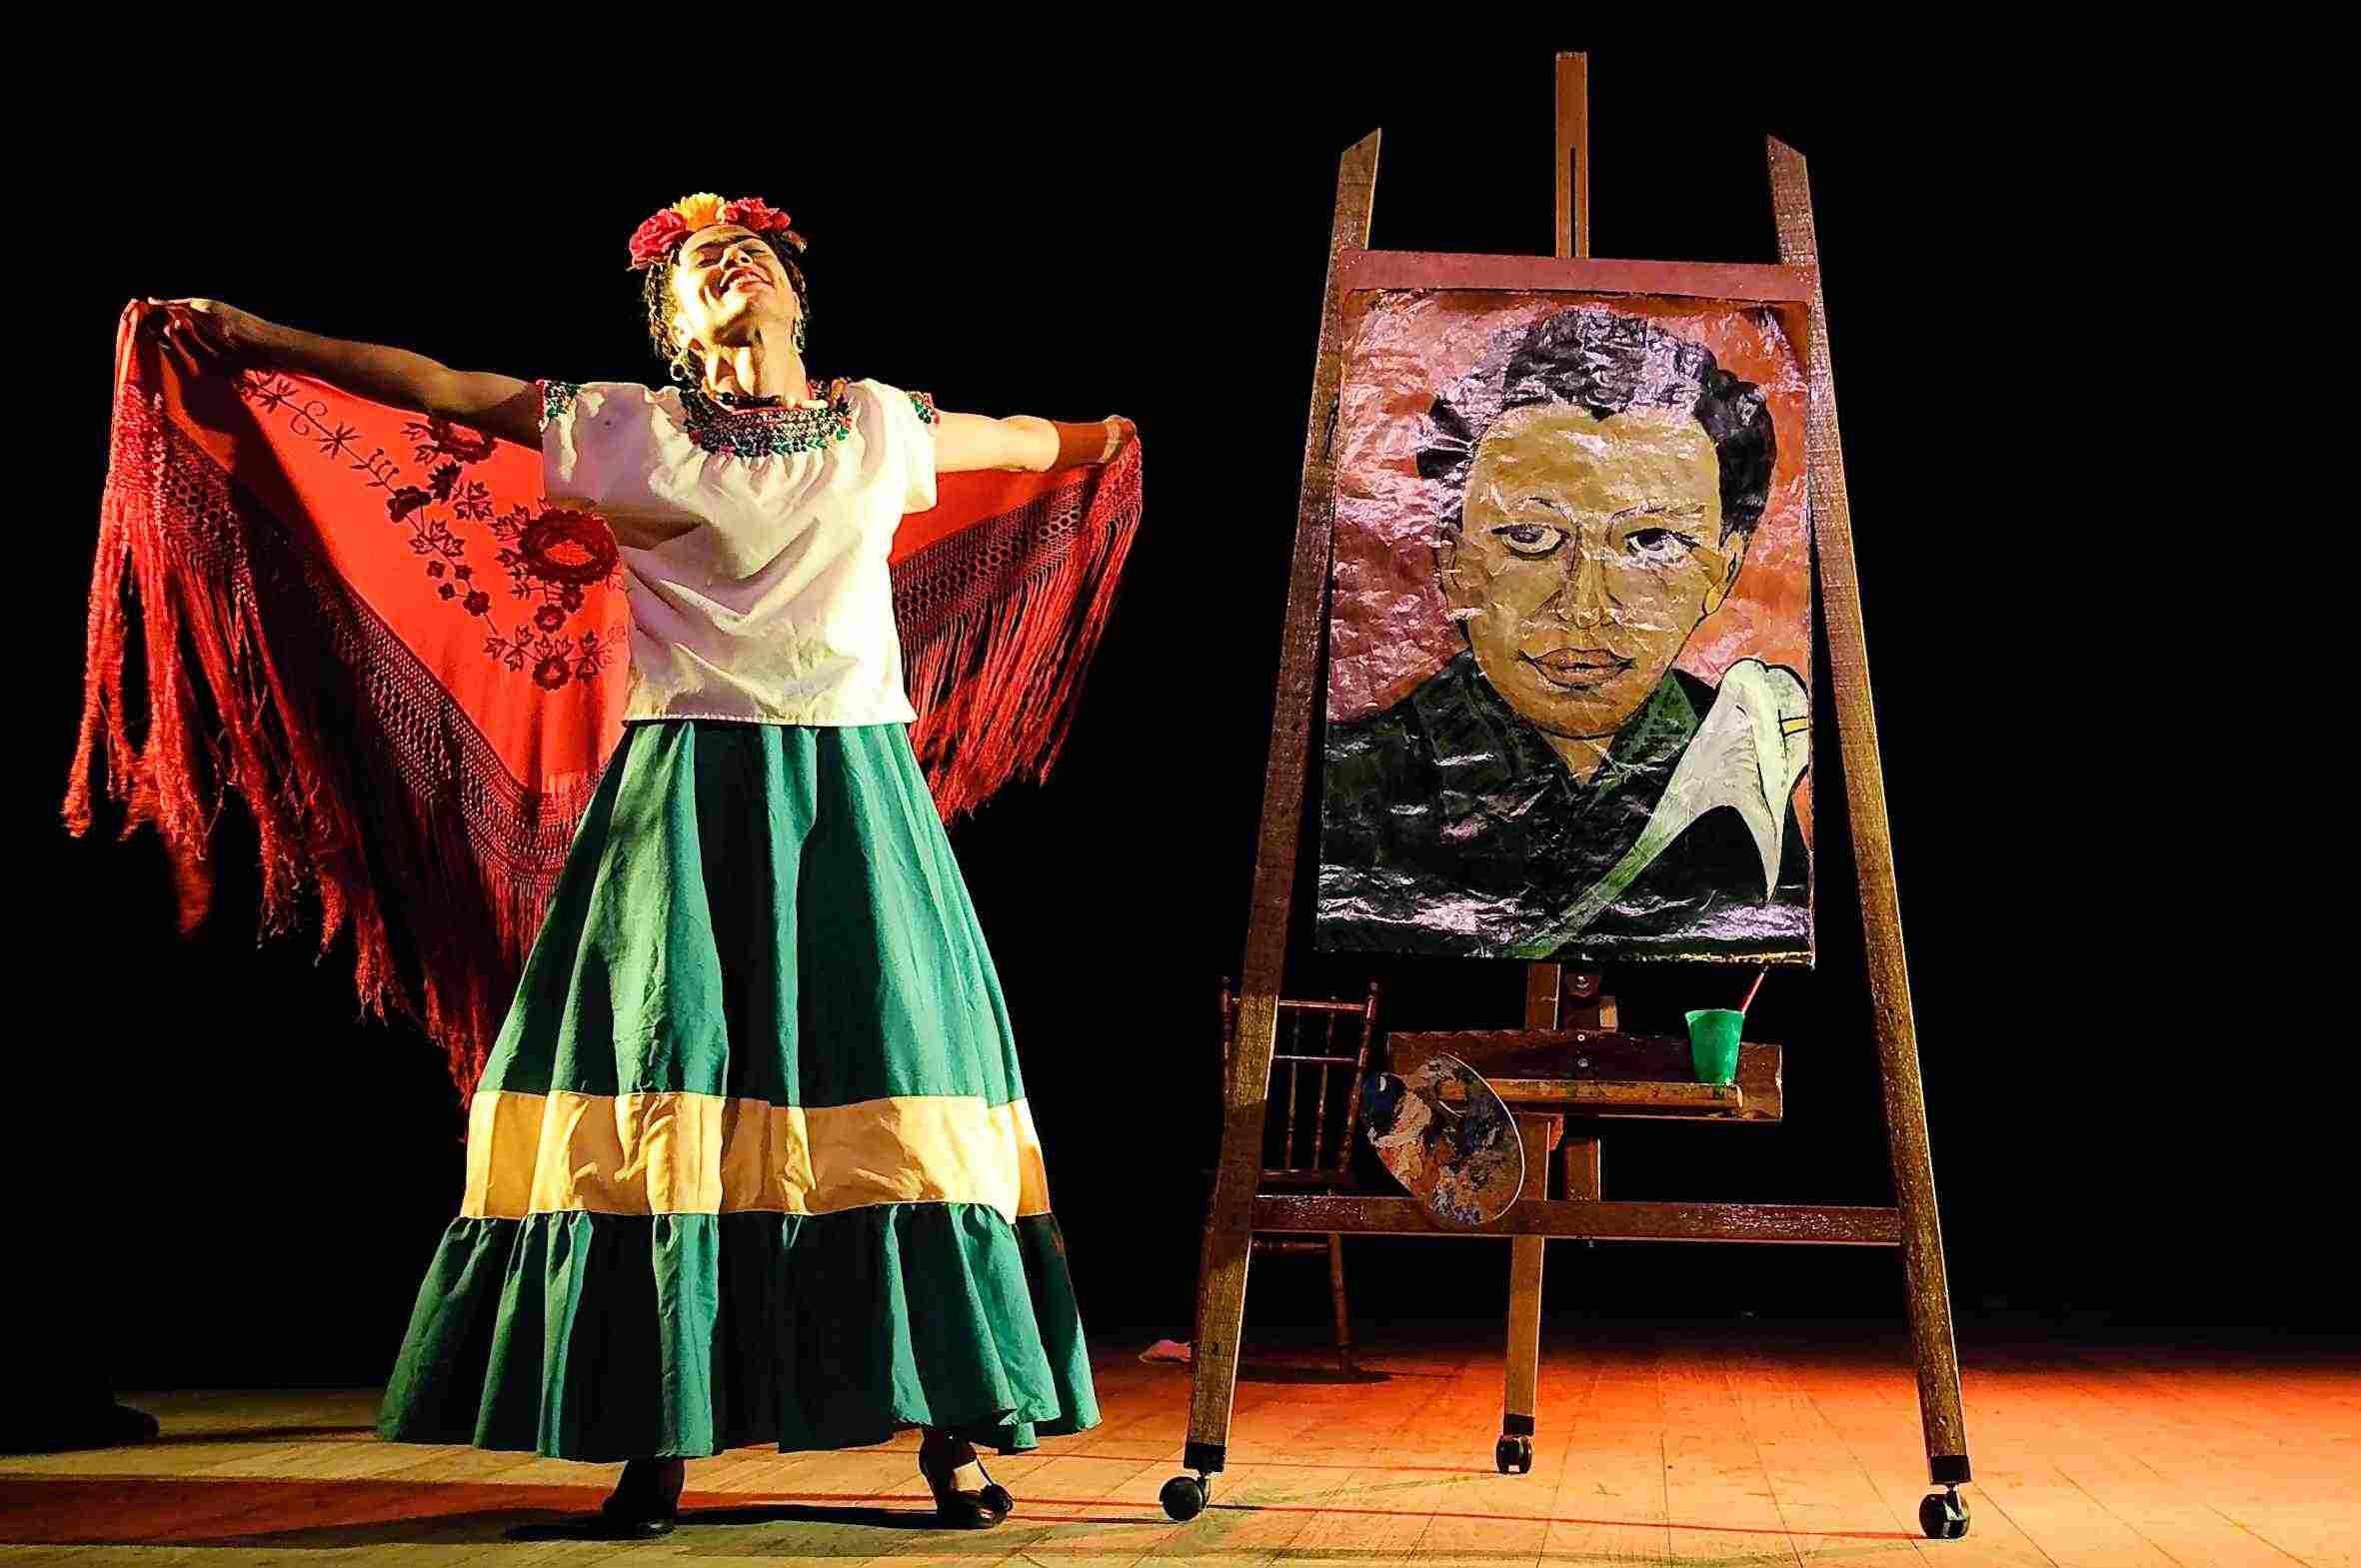 Vida de Frida Kahlo nos palcos de Rio das Ostras - http://eleganteonline.com.br/vida-de-frida-kahlo-nos-palcos-de-rio-das-ostras/